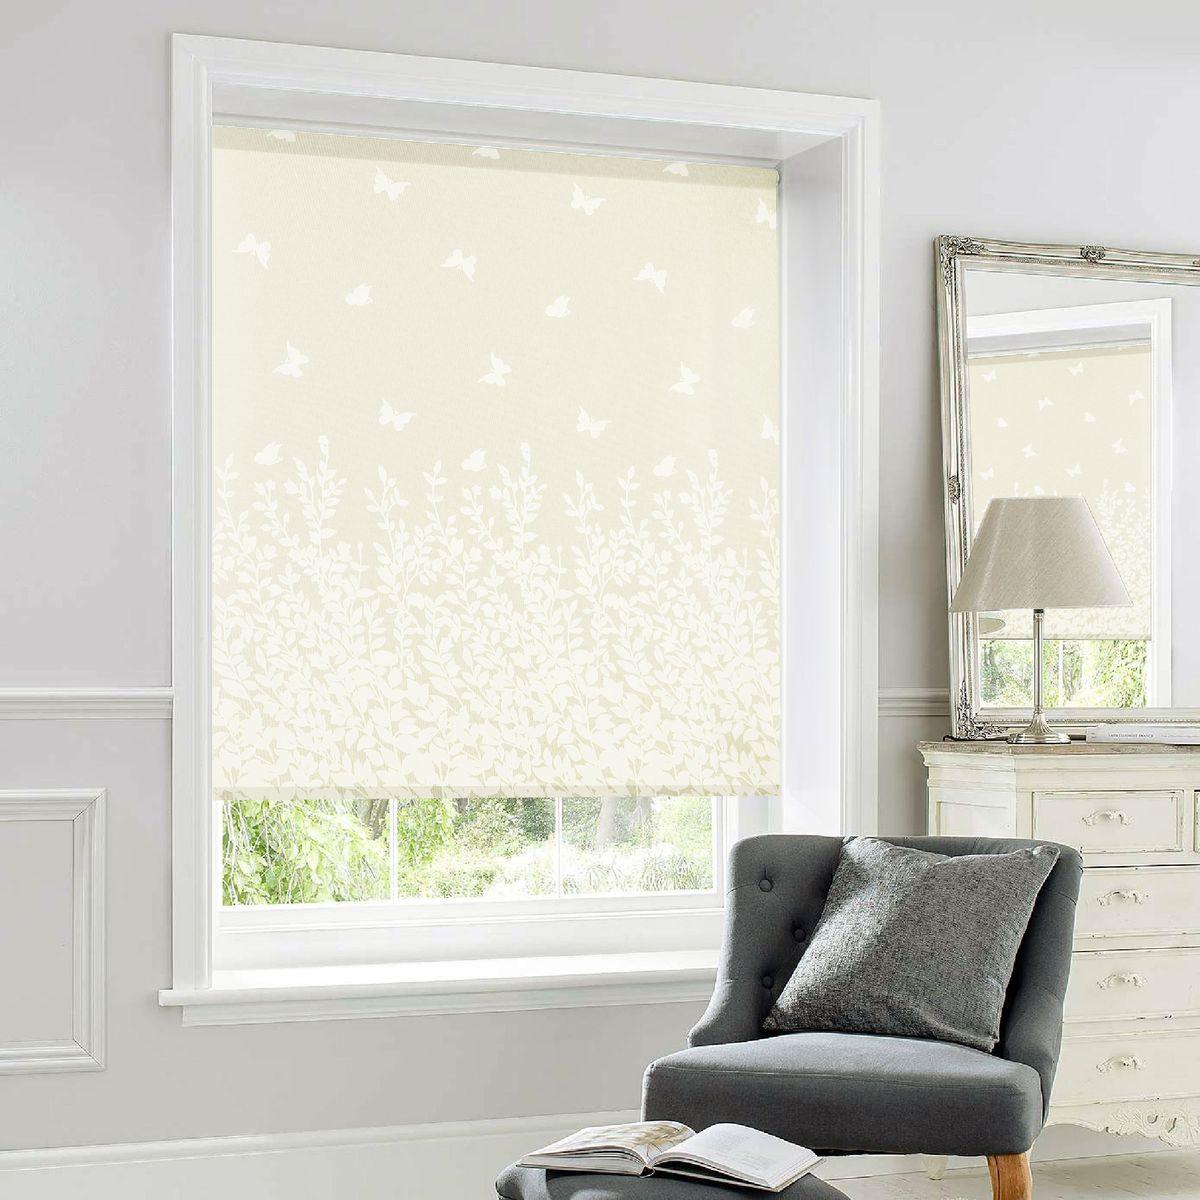 Рулонные шторы Garden (Текстиль) Print Natura, Ширина100 см, Цветочный